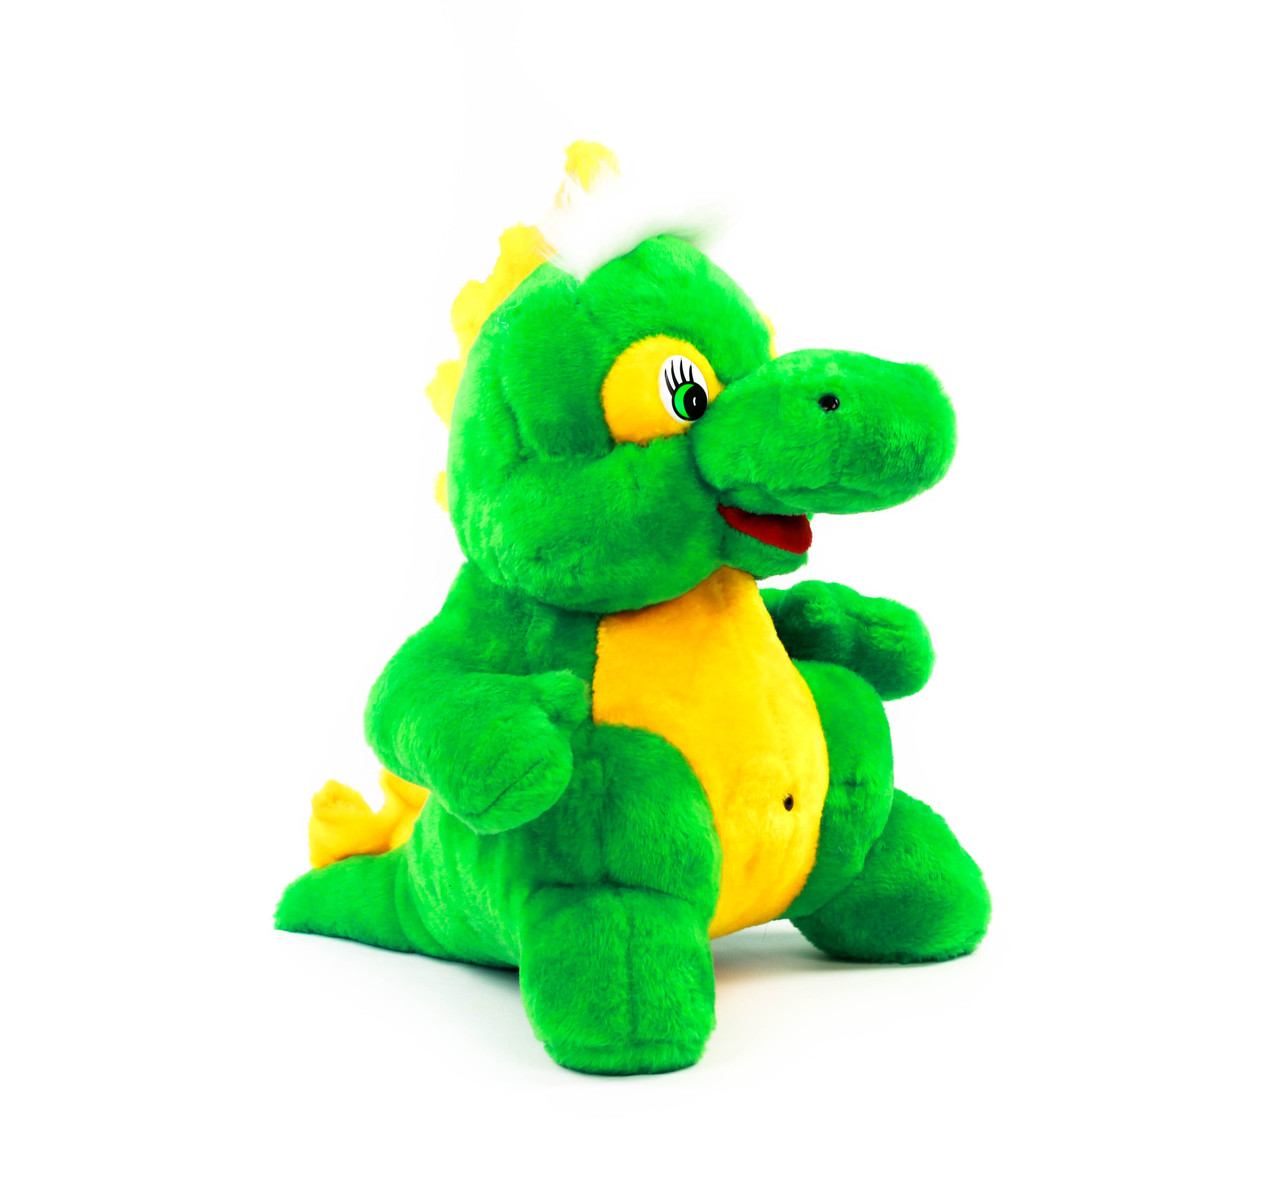 М'яка іграшка Дракон Боря